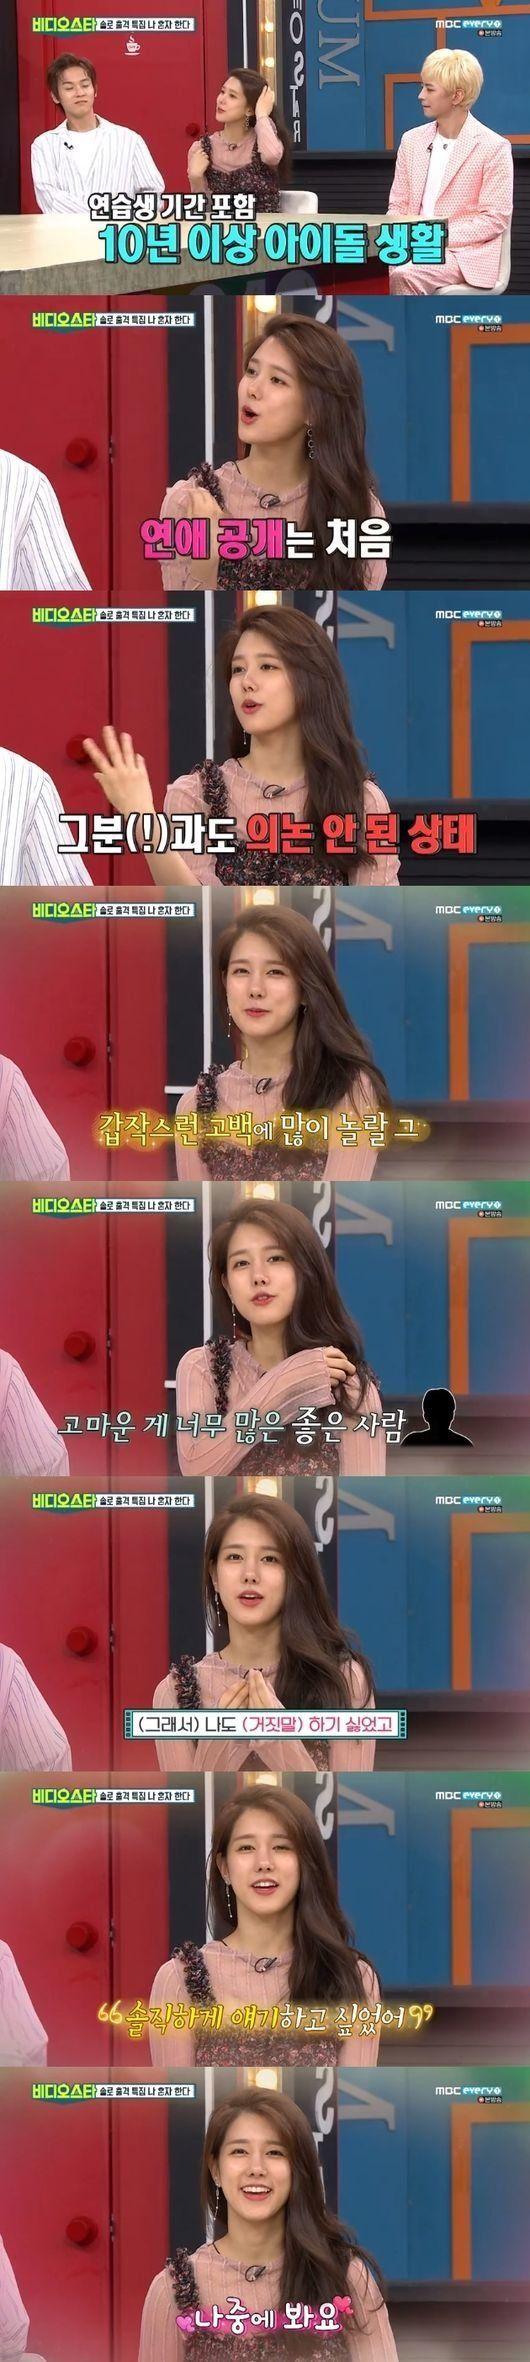 [Oh!쎈 리뷰] '비스' 양지원, 10년만 첫 열애고백 이유